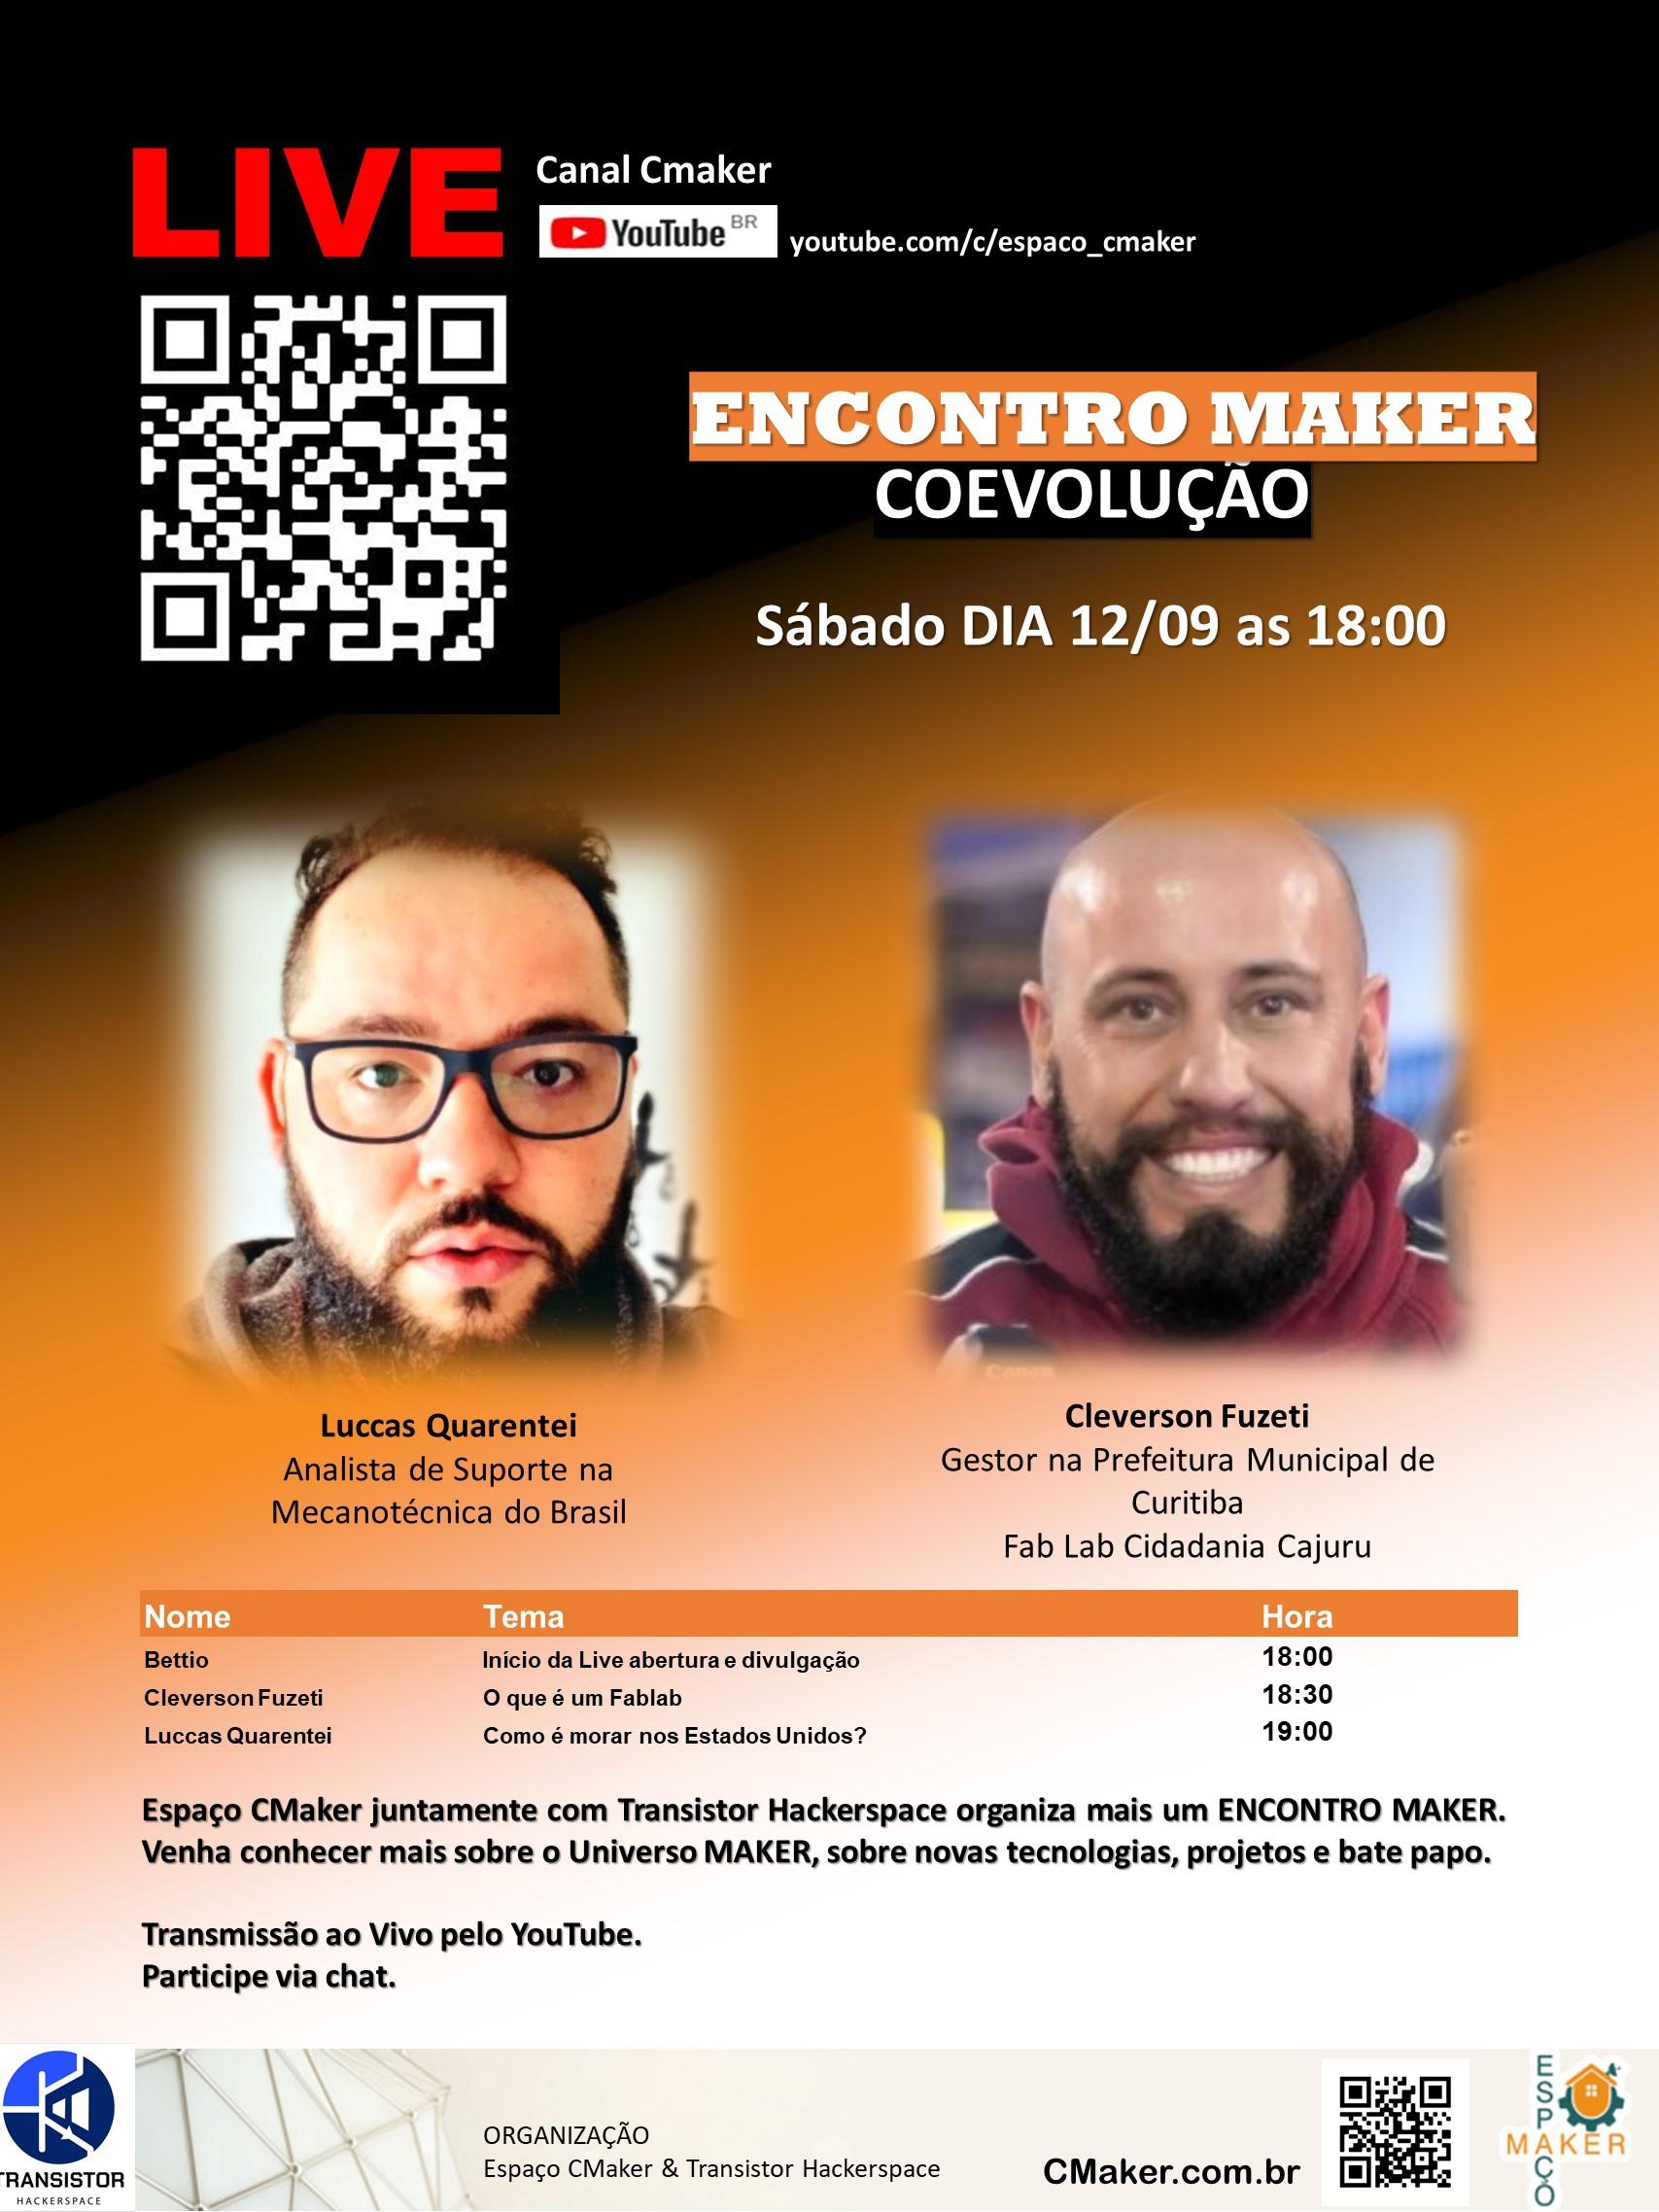 Live Espaço CMaker 12/09 18:00